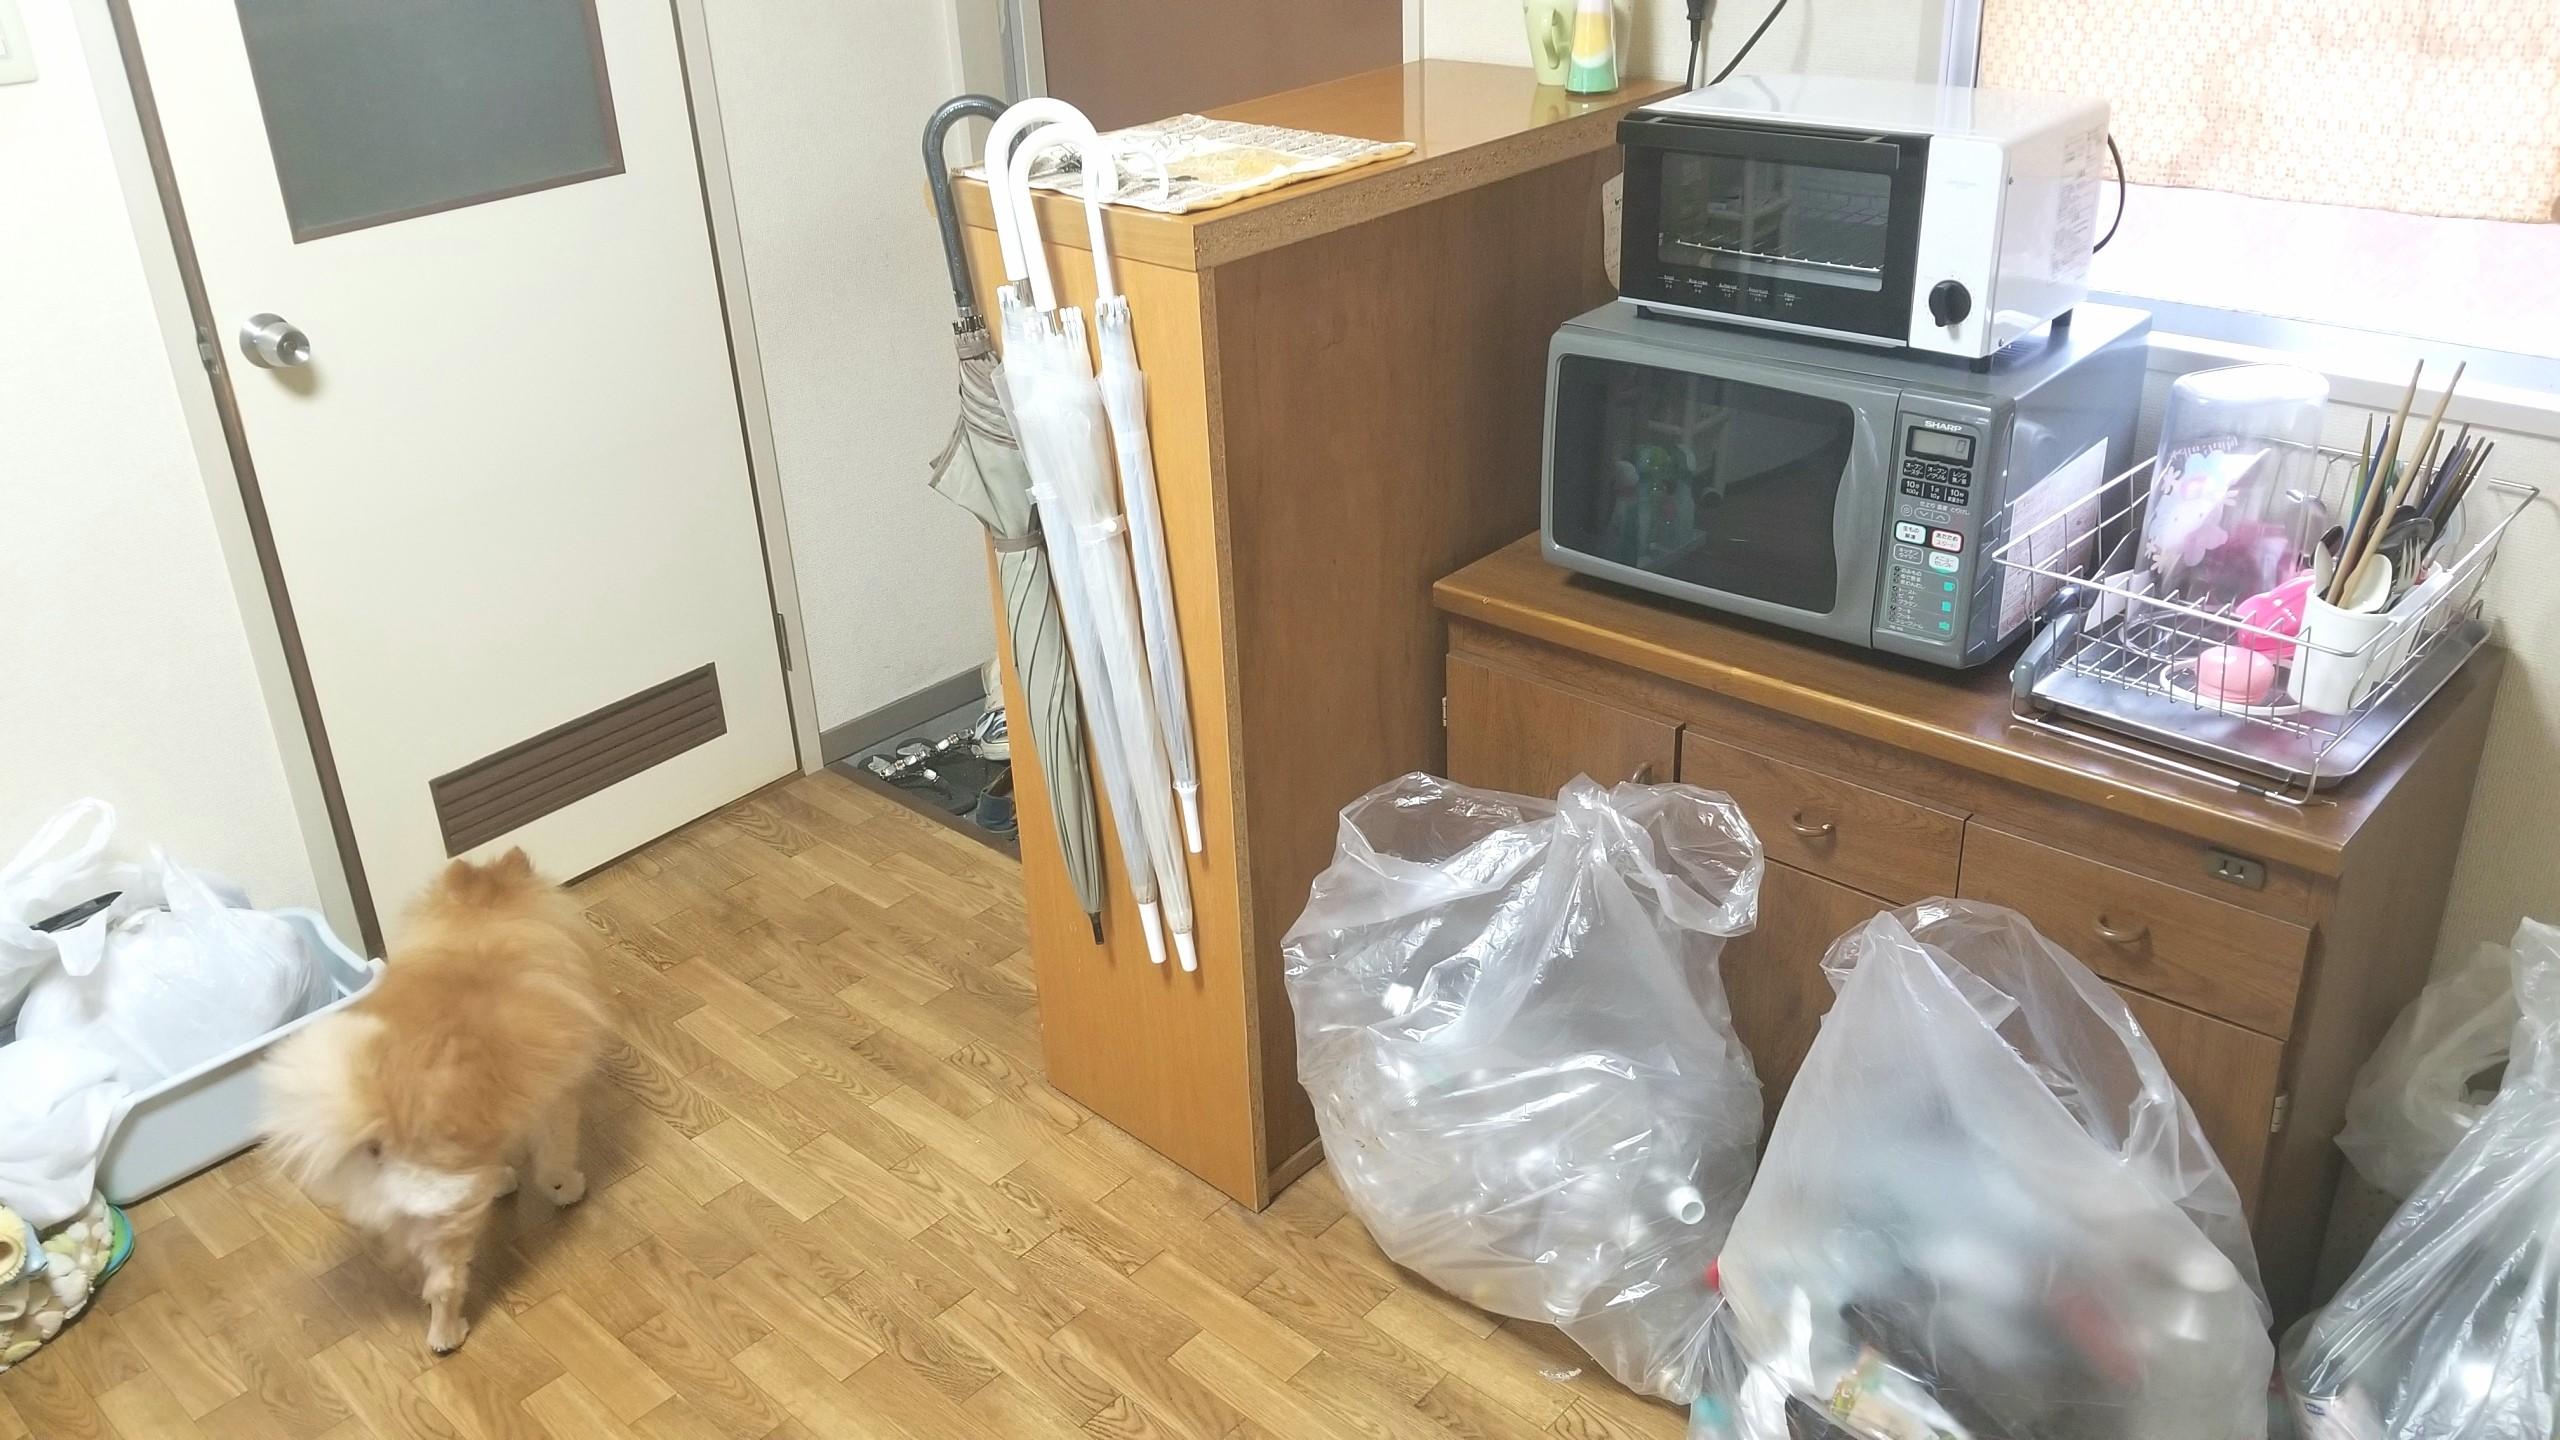 キッチン,部屋掃除,綺麗になる,ゴミ箱分別,賃貸,レンジ台,7畳,床